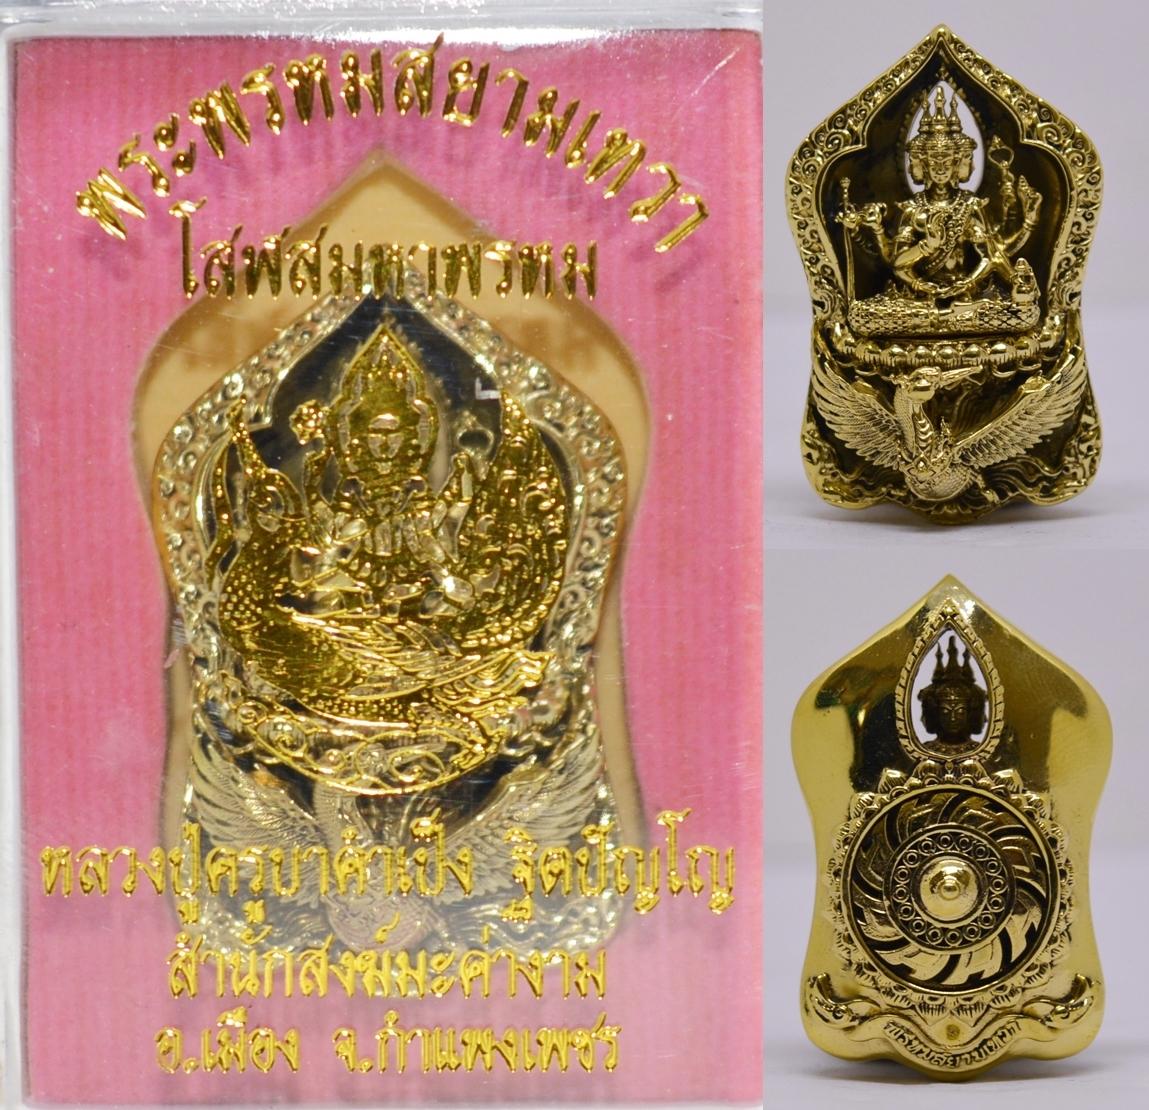 พระพรหมสยามเทวา เนื้อทองเทวา ครูบาคำเป็ง สำนักสงฆ์มะค่างาม กำแพงเพชร 2560